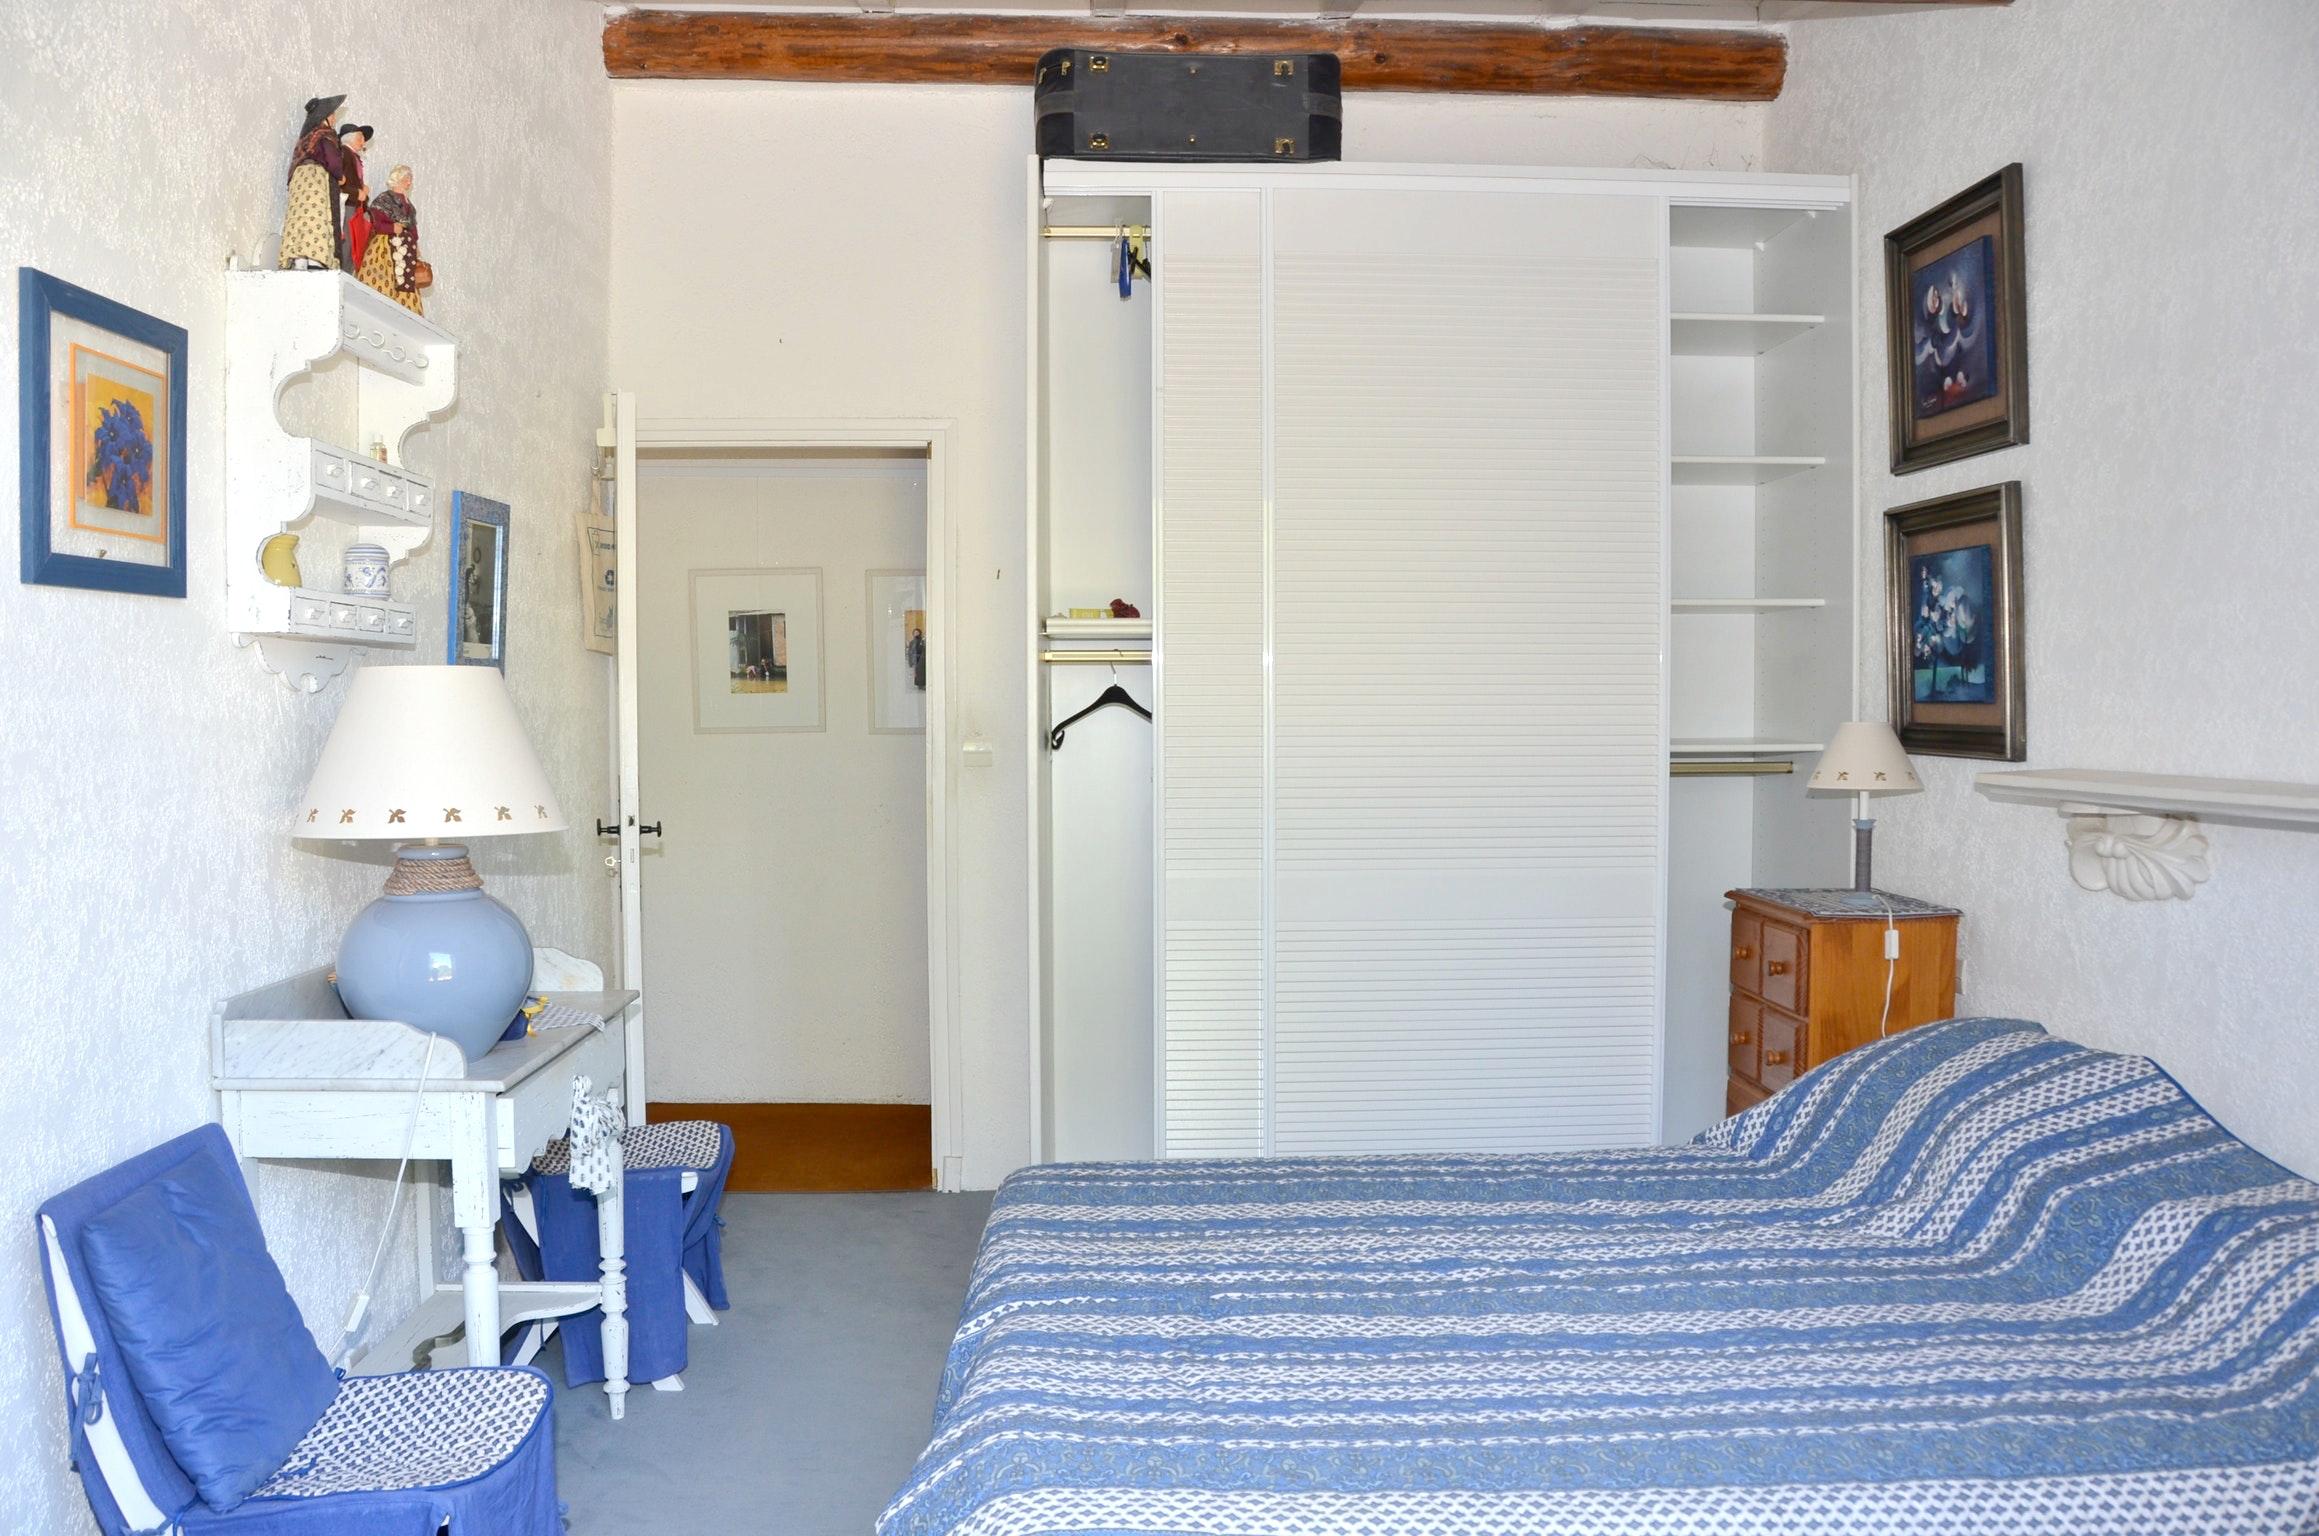 Ferienhaus Villa mit 4 Schlafzimmern in Pernes-les-Fontaines mit toller Aussicht auf die Berge, priva (2519446), Pernes les Fontaines, Saône-et-Loire, Burgund, Frankreich, Bild 41